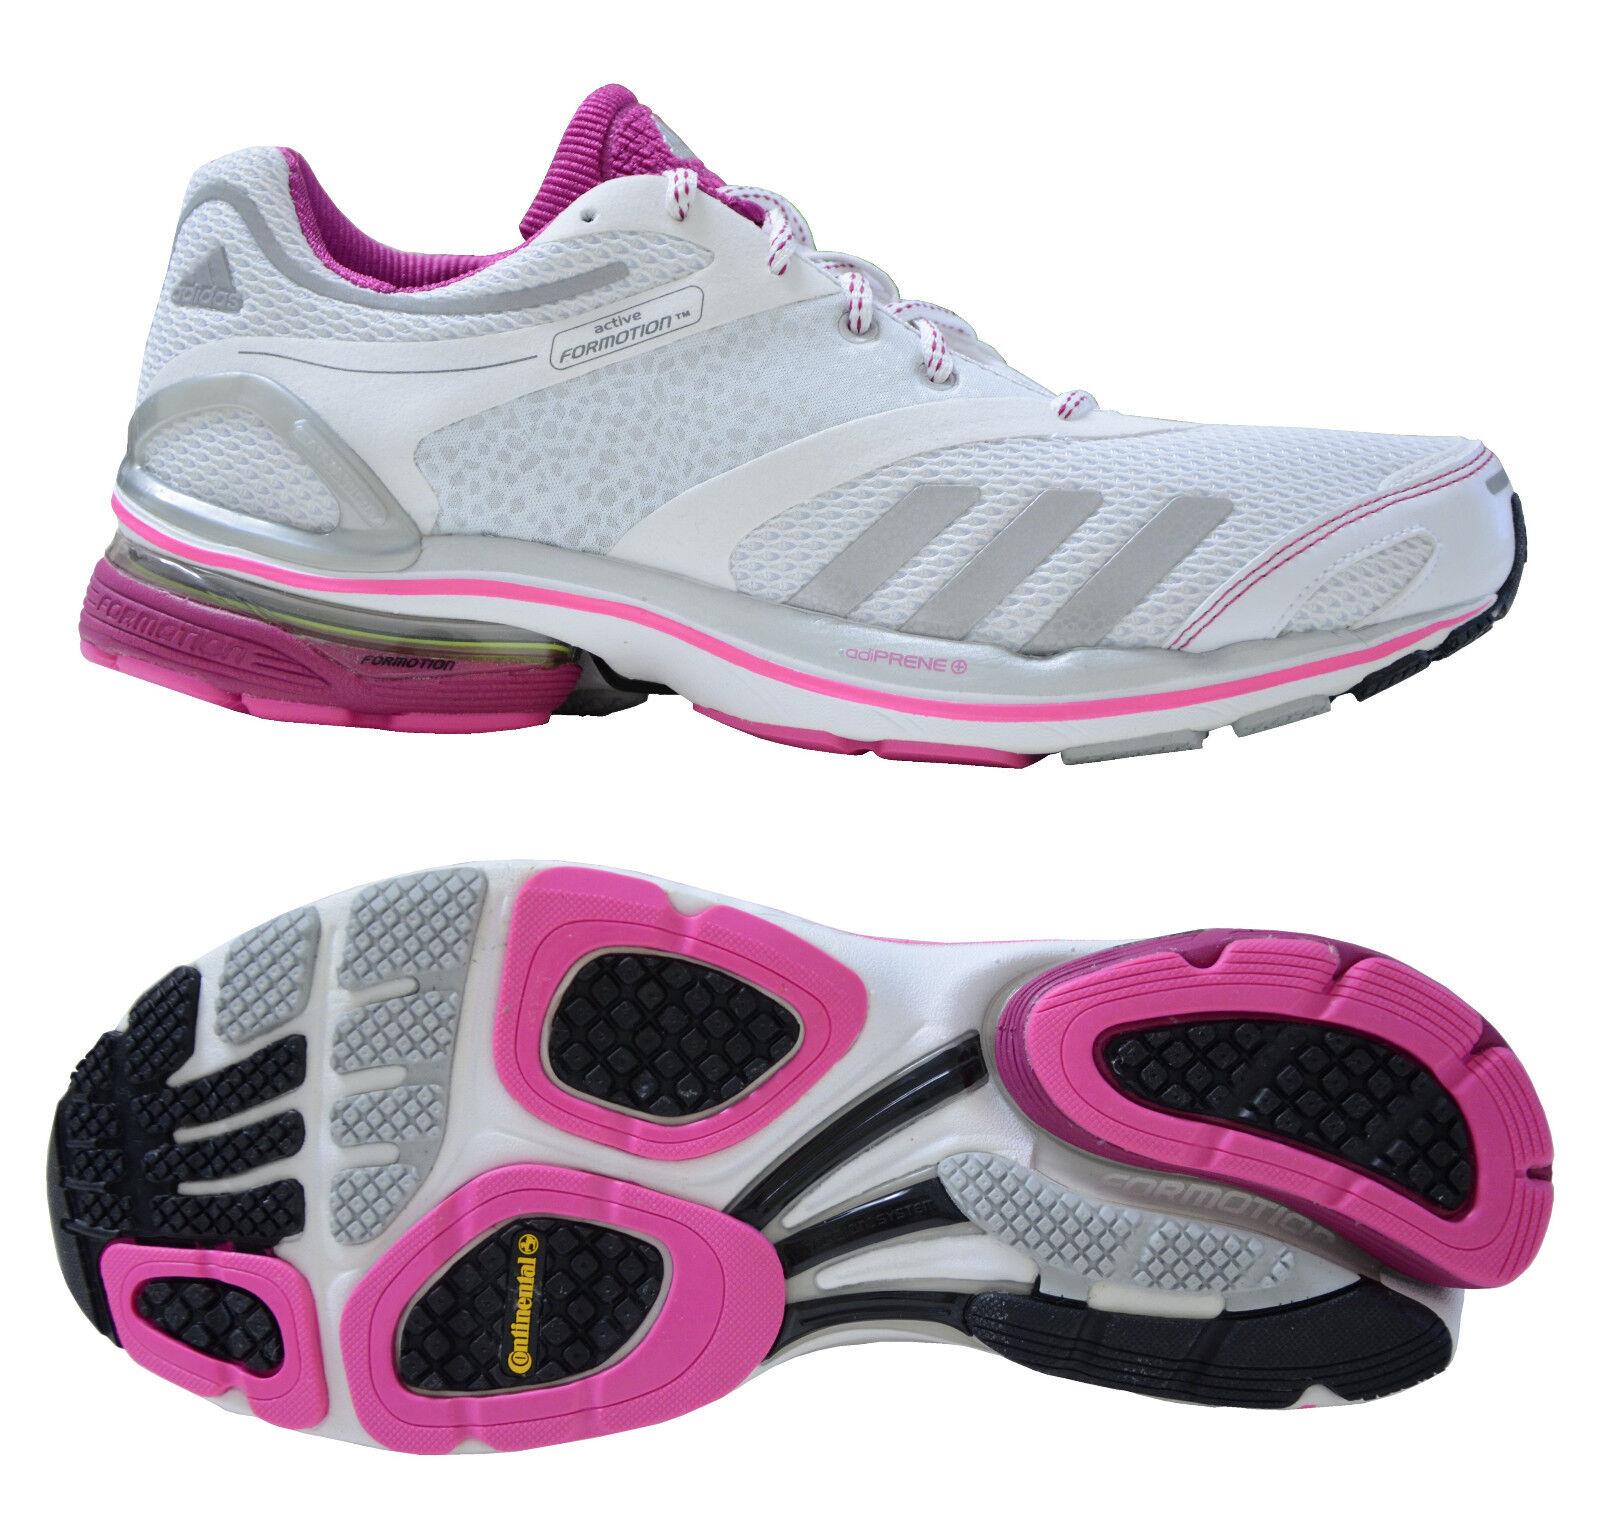 Bdidas adistar Salvation 3 W Schuhe Laufschuhe Damenschuhe Running Shohe Sneaker